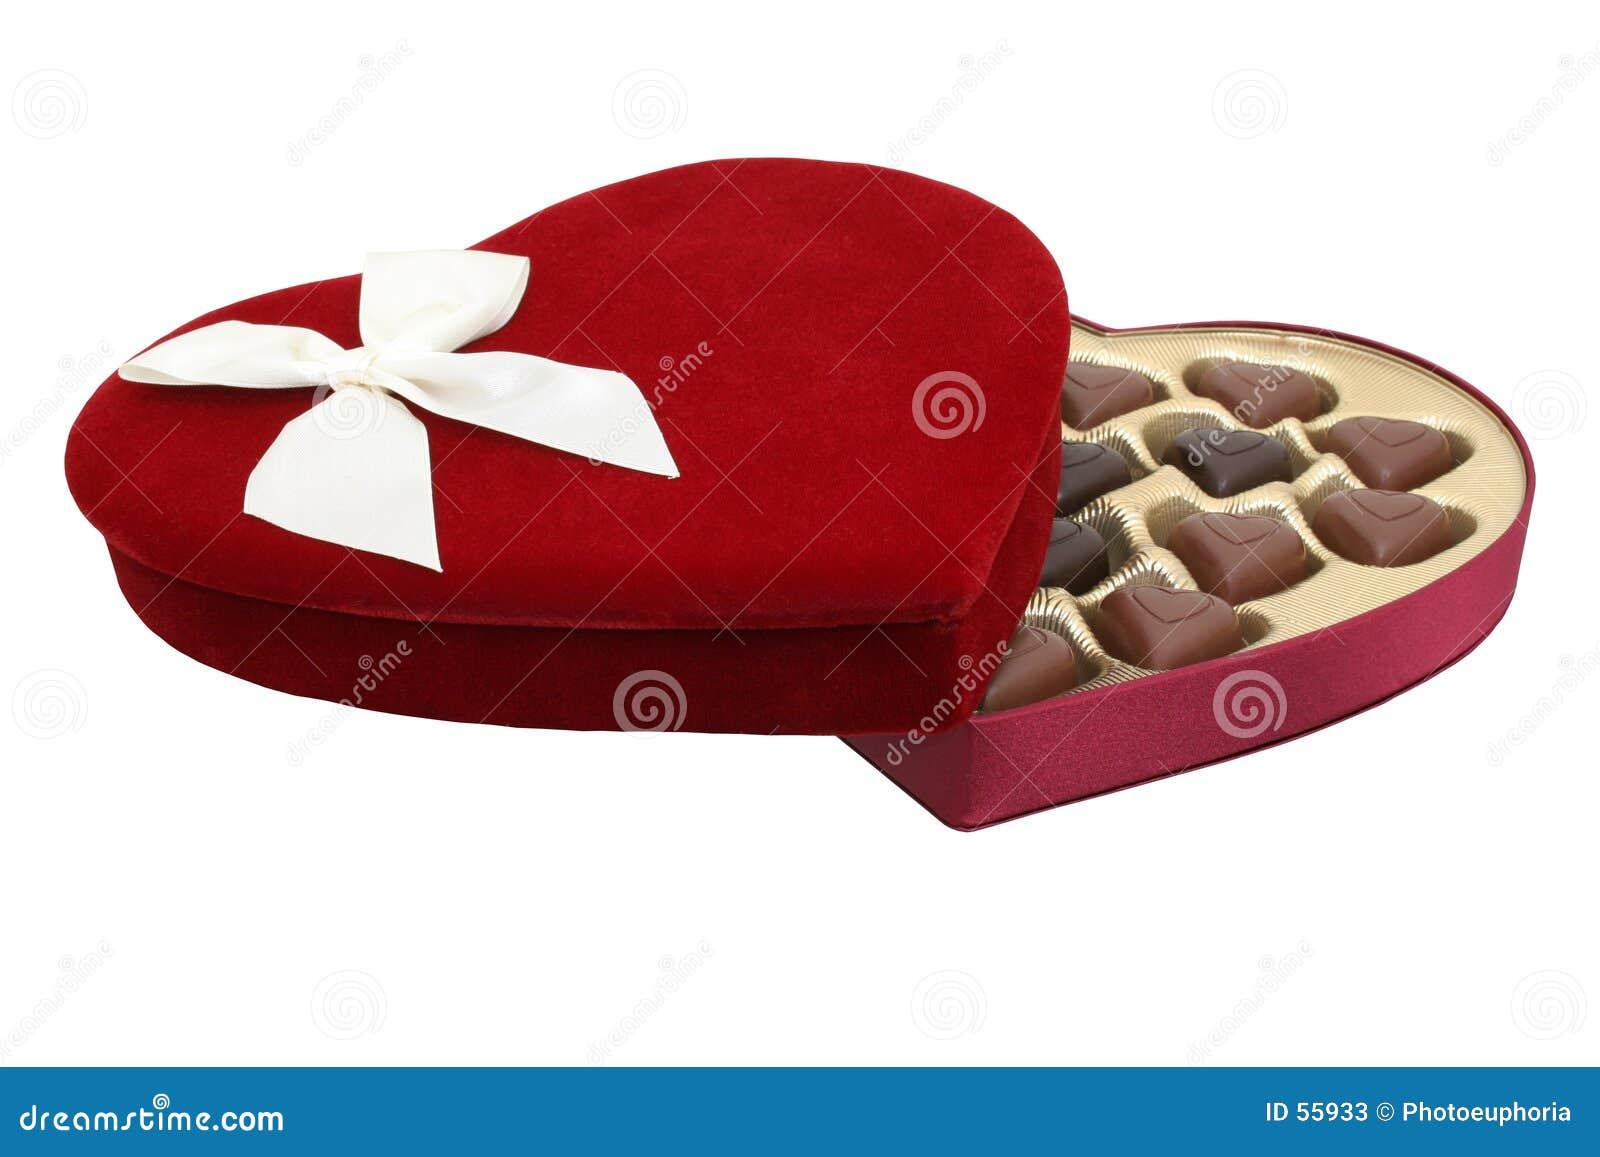 Rectángulo de chocolates en forma de corazón con el camino de recortes (imagen 8.2mp)